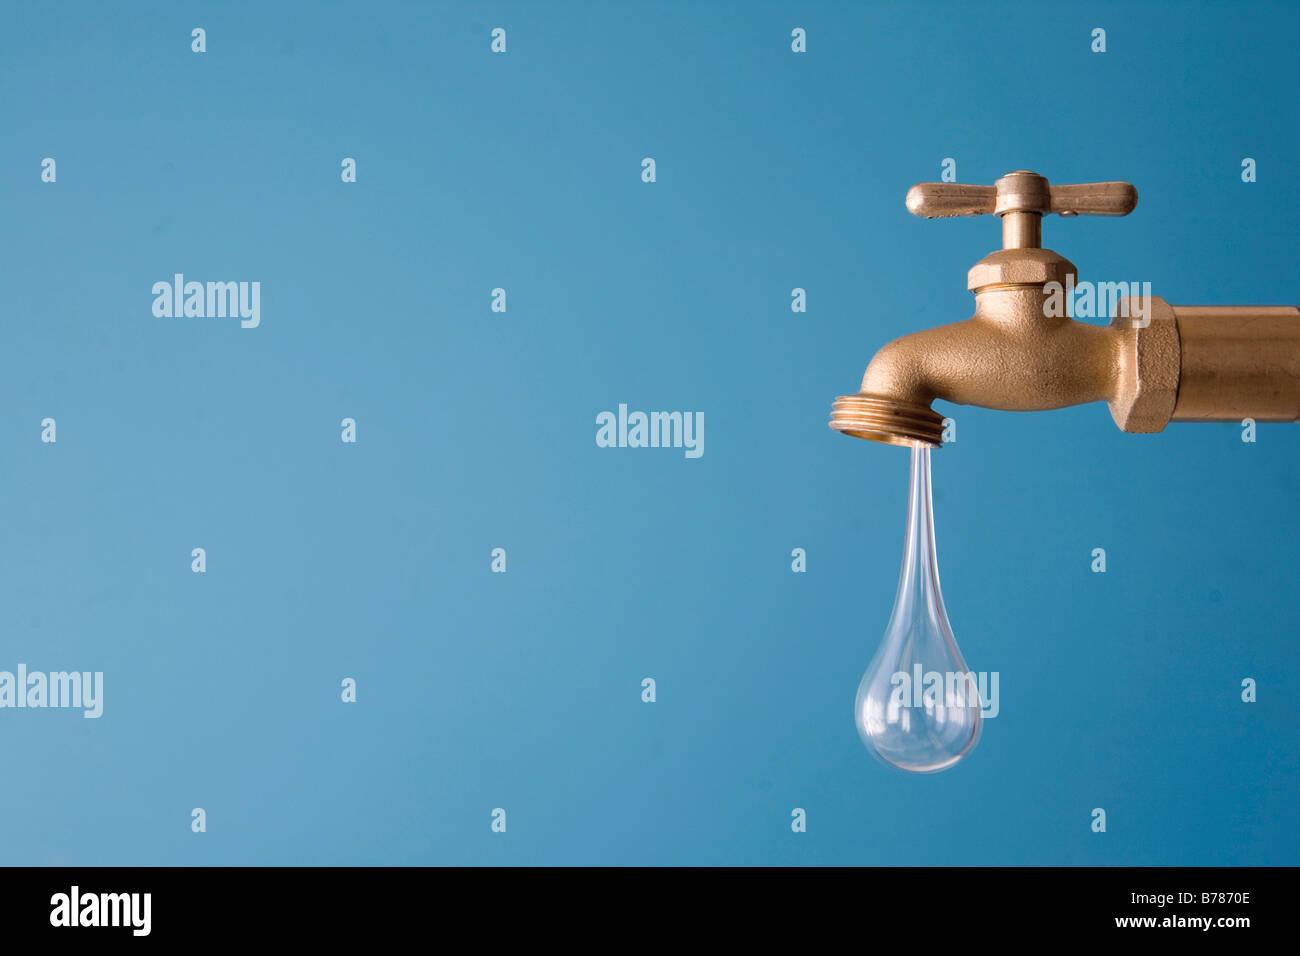 Goutte d'eau géant les égouttures de robinet Photo Stock